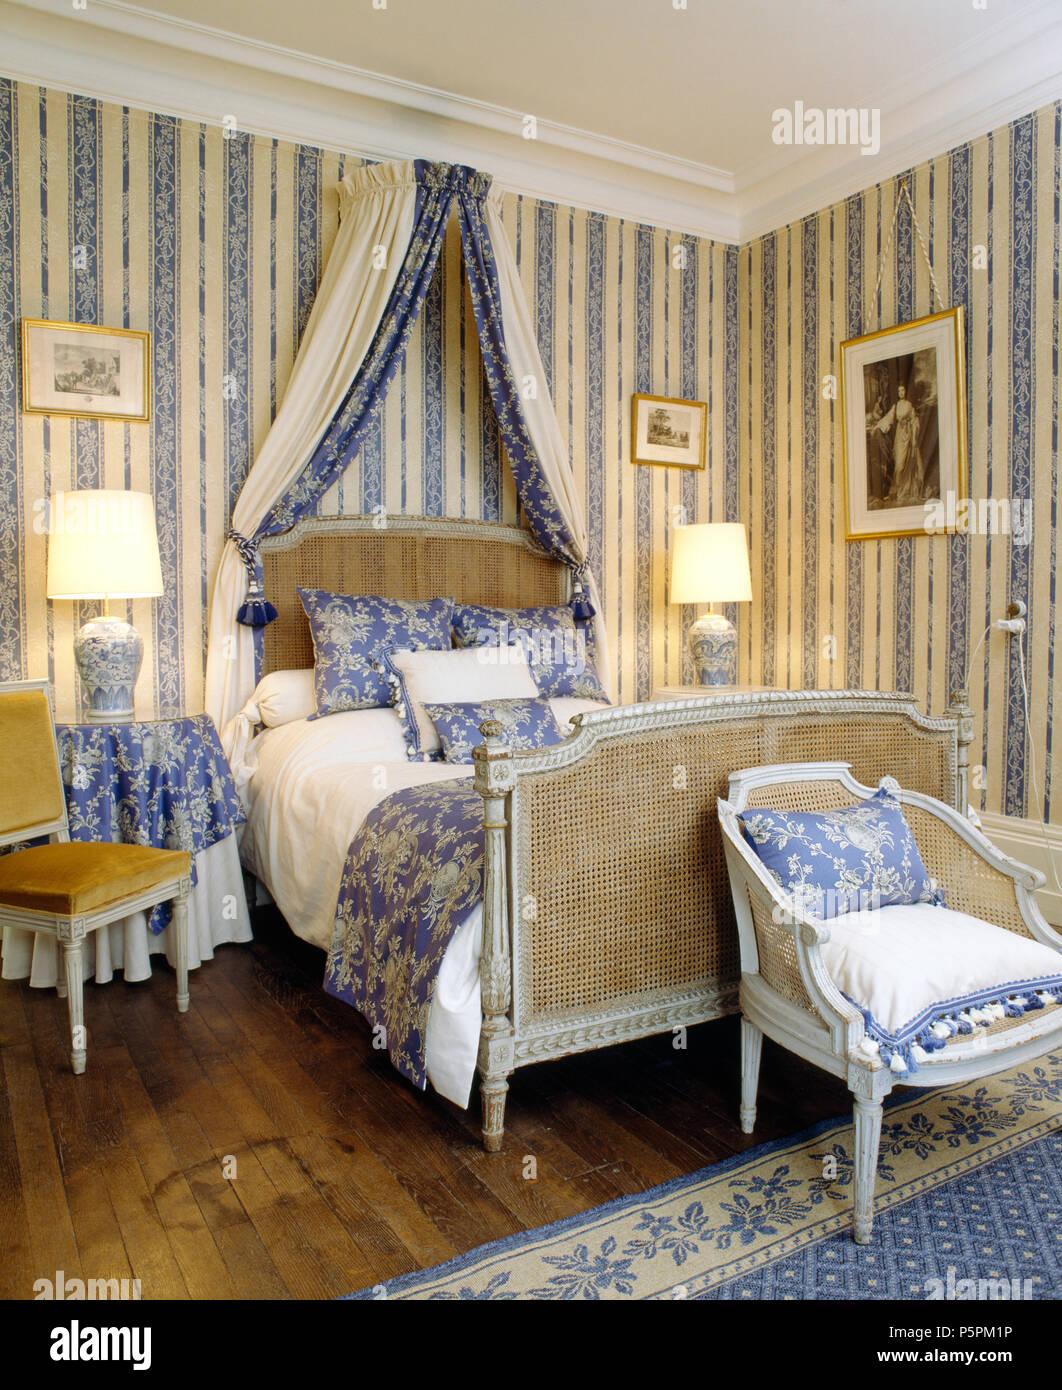 Super Antike Bergere Bett mit blauen Vorhängen im französischen MG02